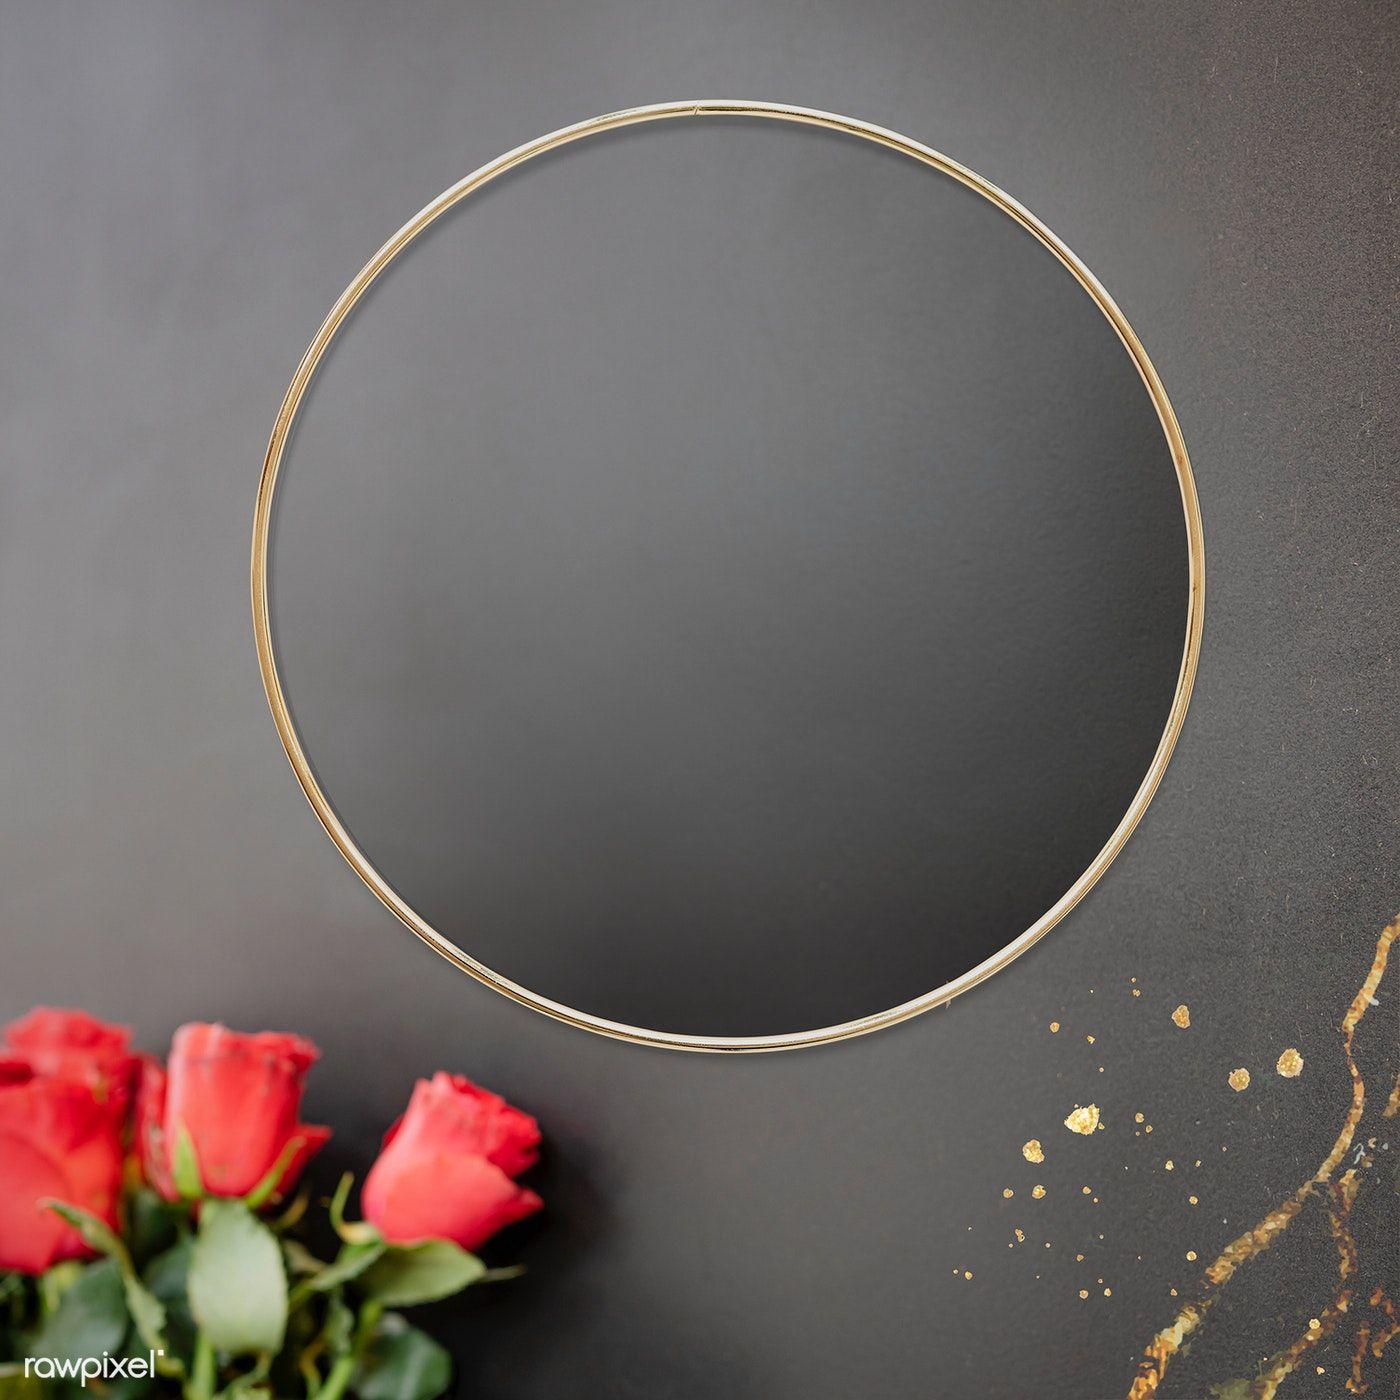 Download Premium Psd Of Golden Floral Frame On A Black Background 1212803